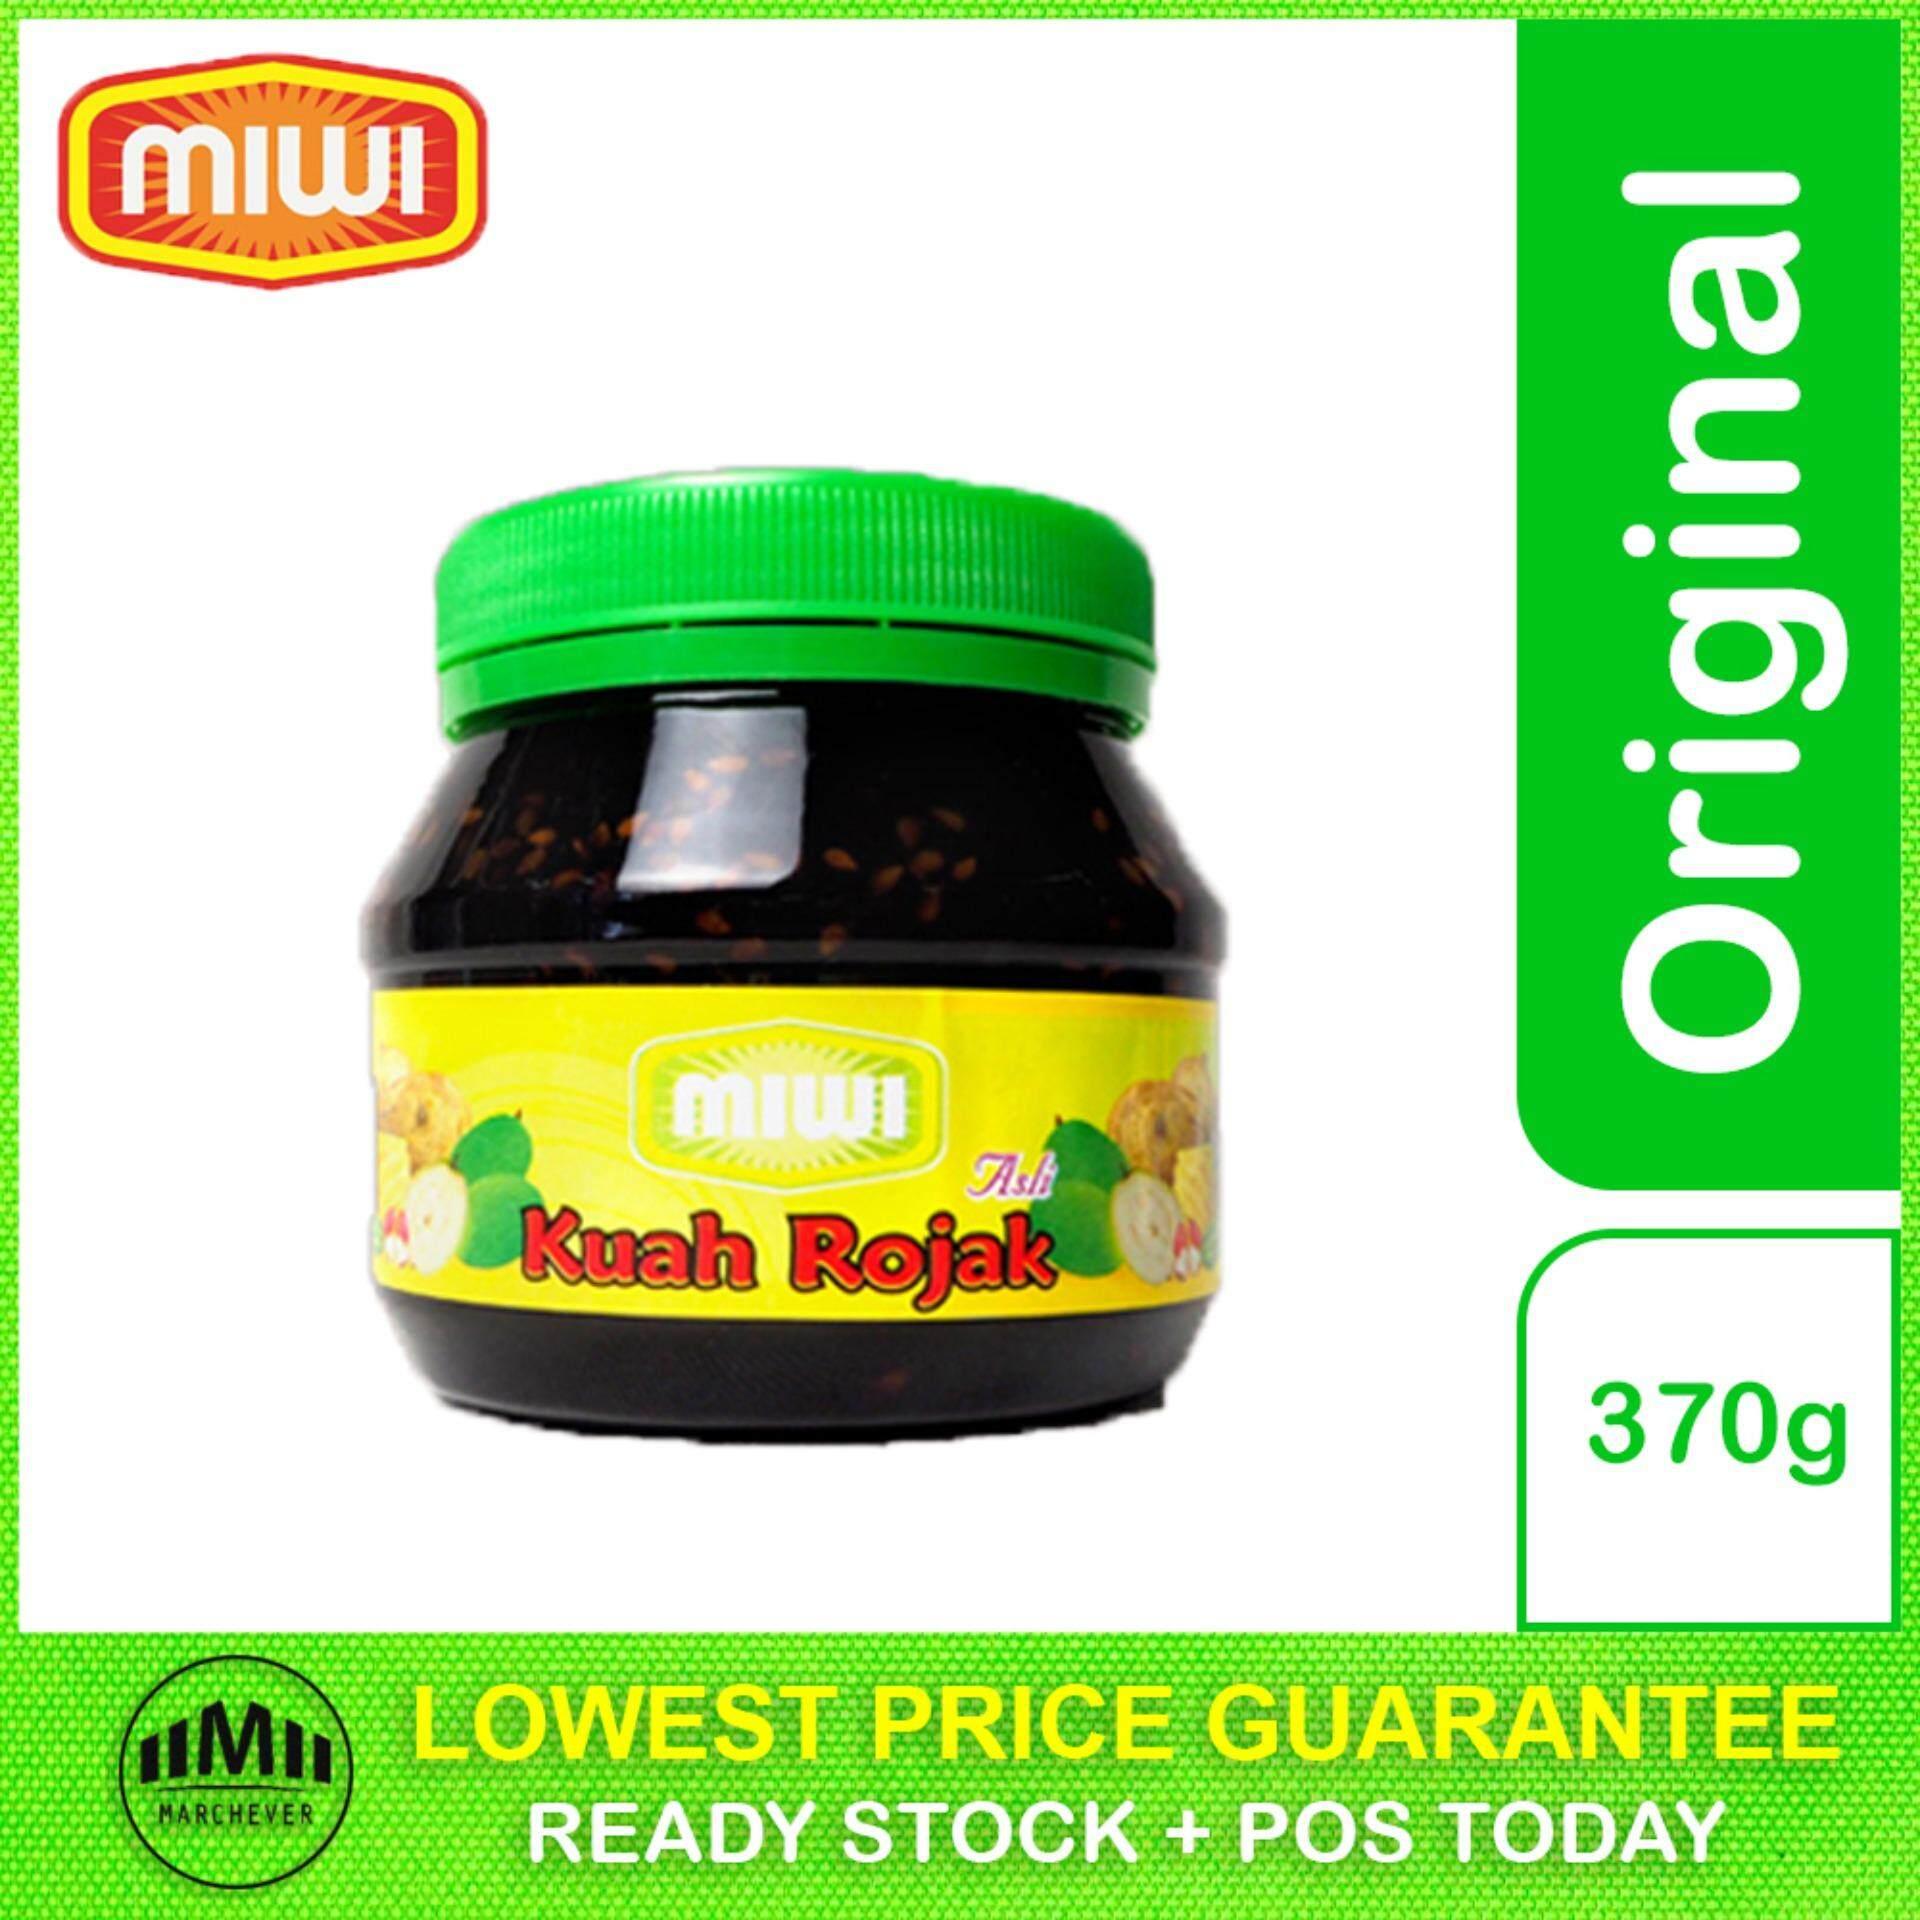 Miwi Penang Rojak Sauce / Kuah Rojak Original (370g)